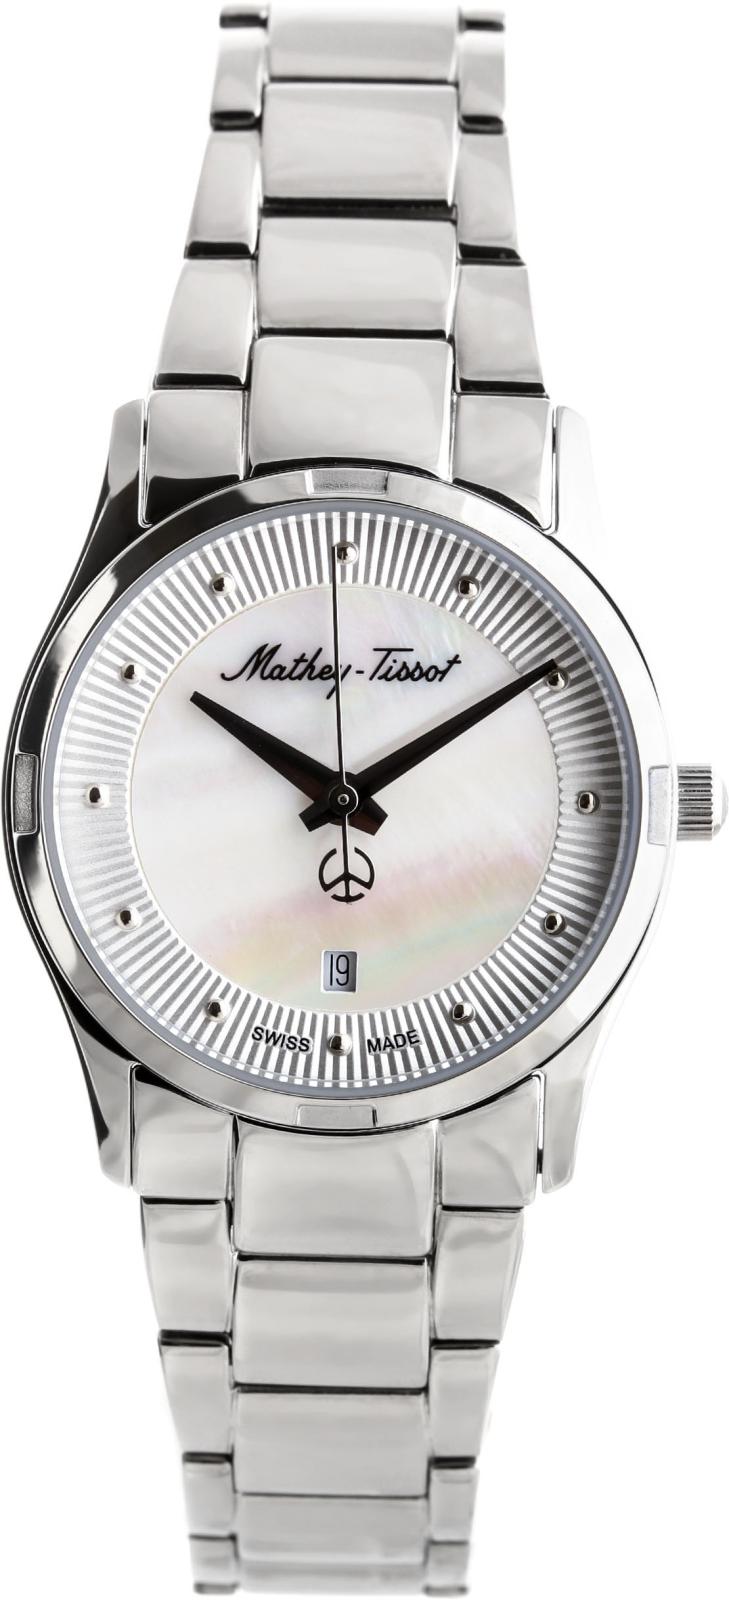 Mathey-Tissot Elisa D2111AIНаручные часы<br>Швейцарские часы Mathey-Tissot&amp;nbsp;&amp;nbsp;Elisa D2111AI<br><br>Пол: Женские<br>Страна-производитель: Швейцария<br>Механизм: Кварцевый<br>Материал корпуса: Сталь<br>Материал ремня/браслета: Сталь<br>Водозащита, диапазон: None<br>Стекло: Сапфировое<br>Толщина корпуса: None<br>Стиль: None